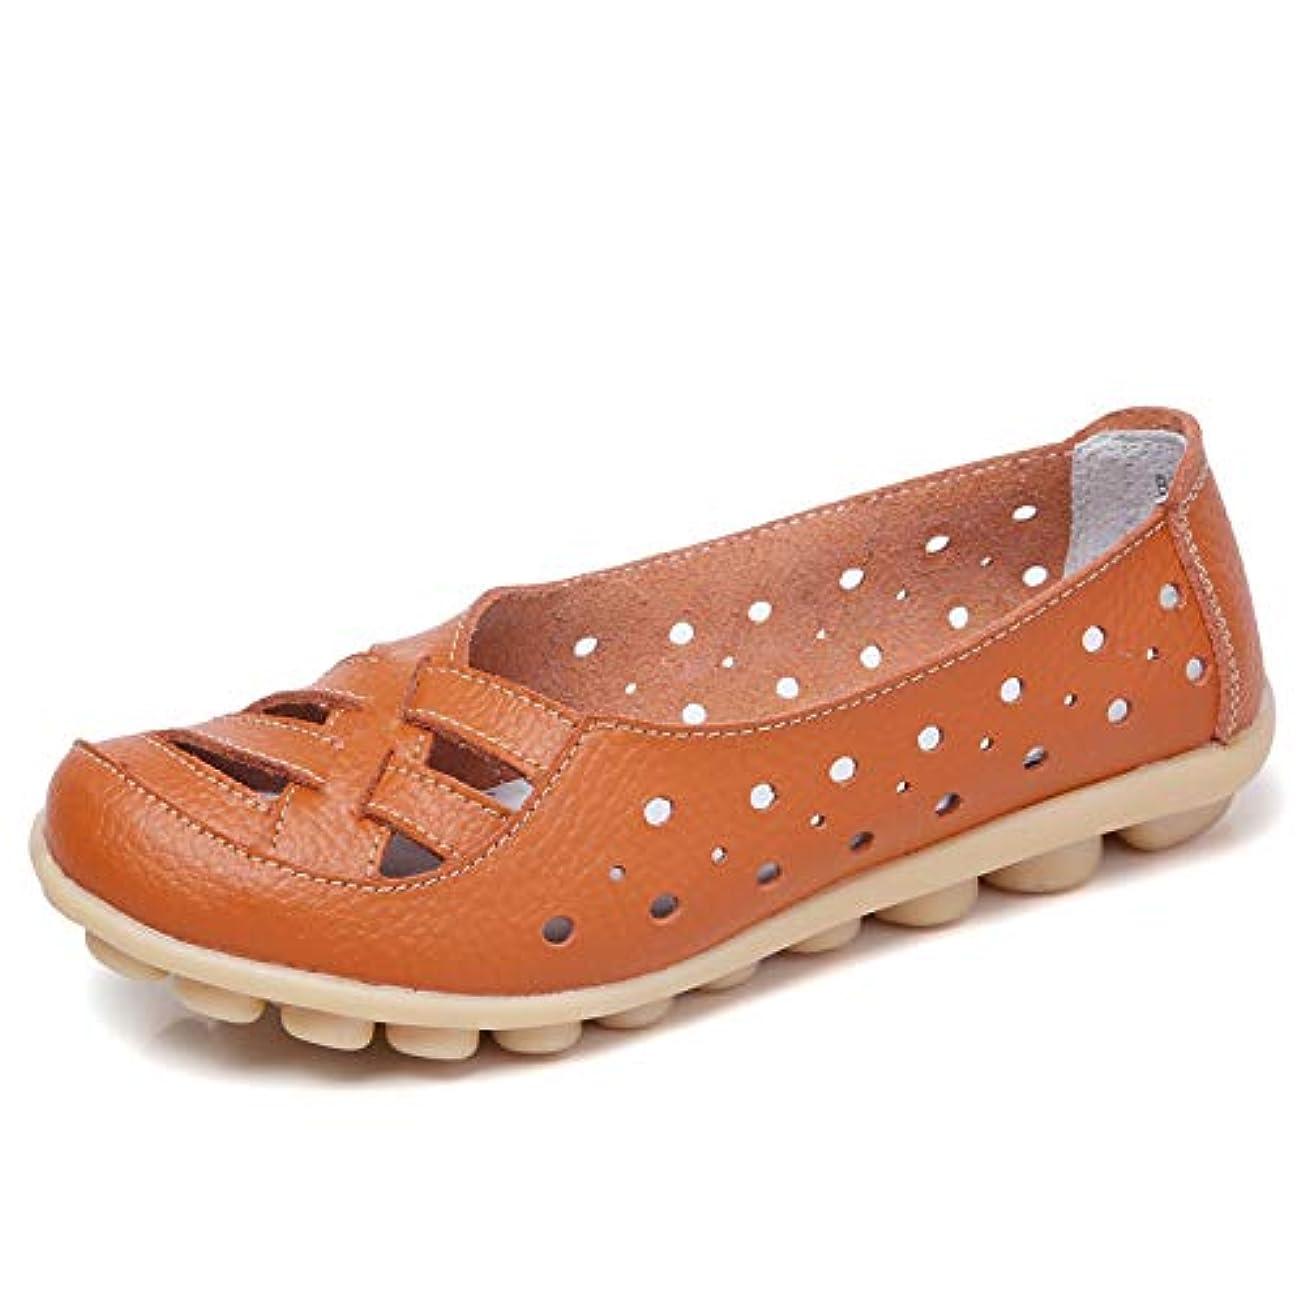 先見の明まともな一月レディース サンダル Tongdaxinxi 女性 カジュアル 通気性 ソフトボトムワイド レディース シューズ 日常 潮流 夏の靴 レディース ローヒール 通気 レディース フラットシューズ 女性の靴 レディース サンダル